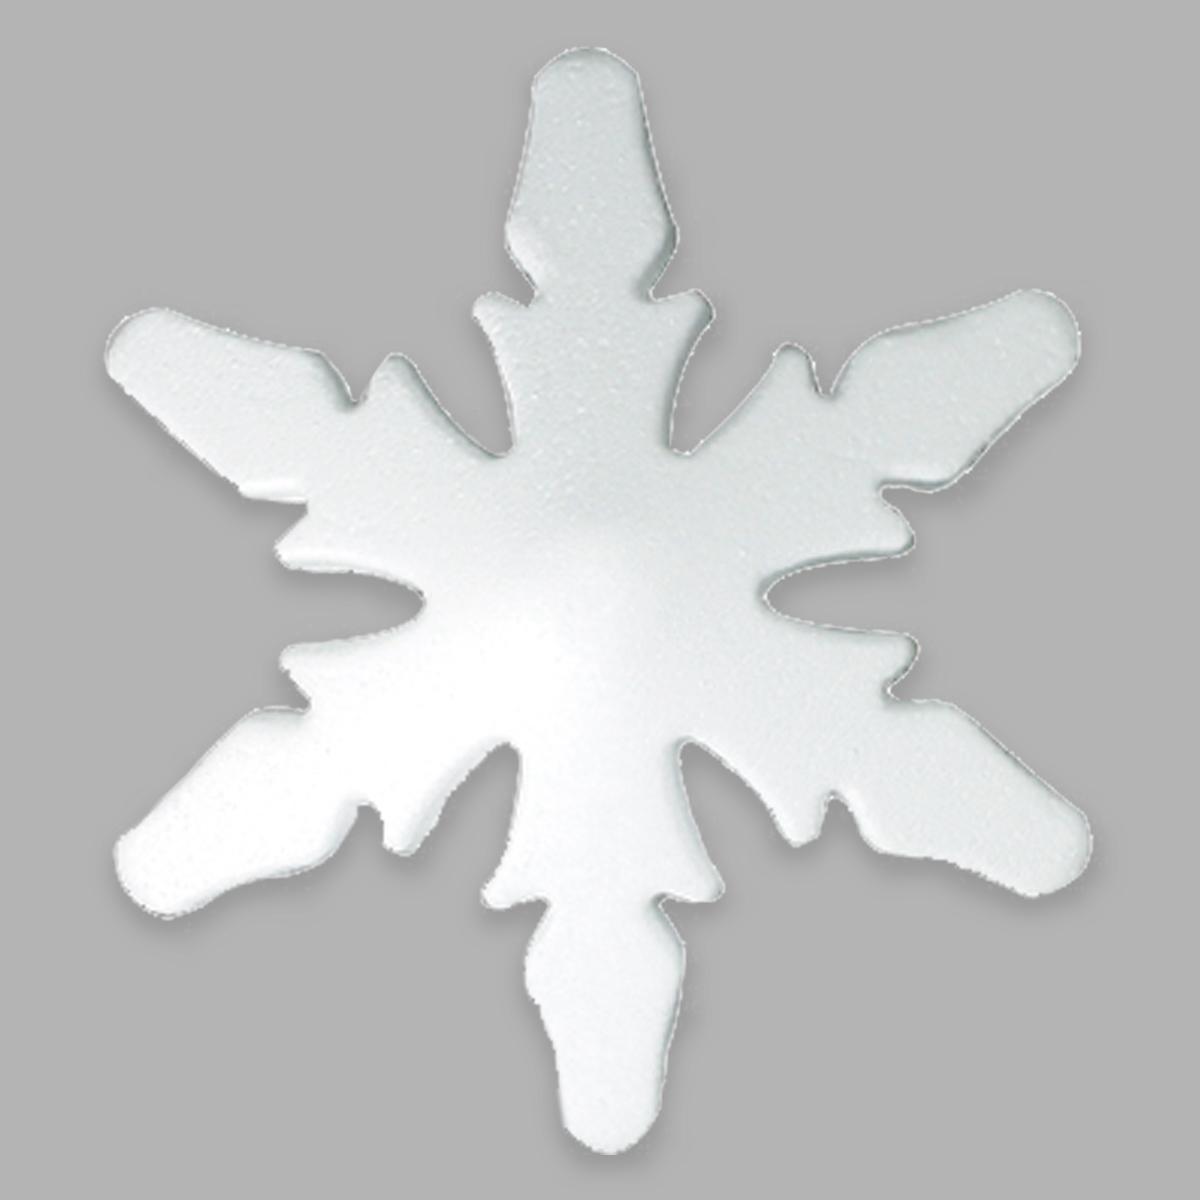 Заготовка для декорирования из пенопласта 'Снежинка стилизованная', h 17,5*9см